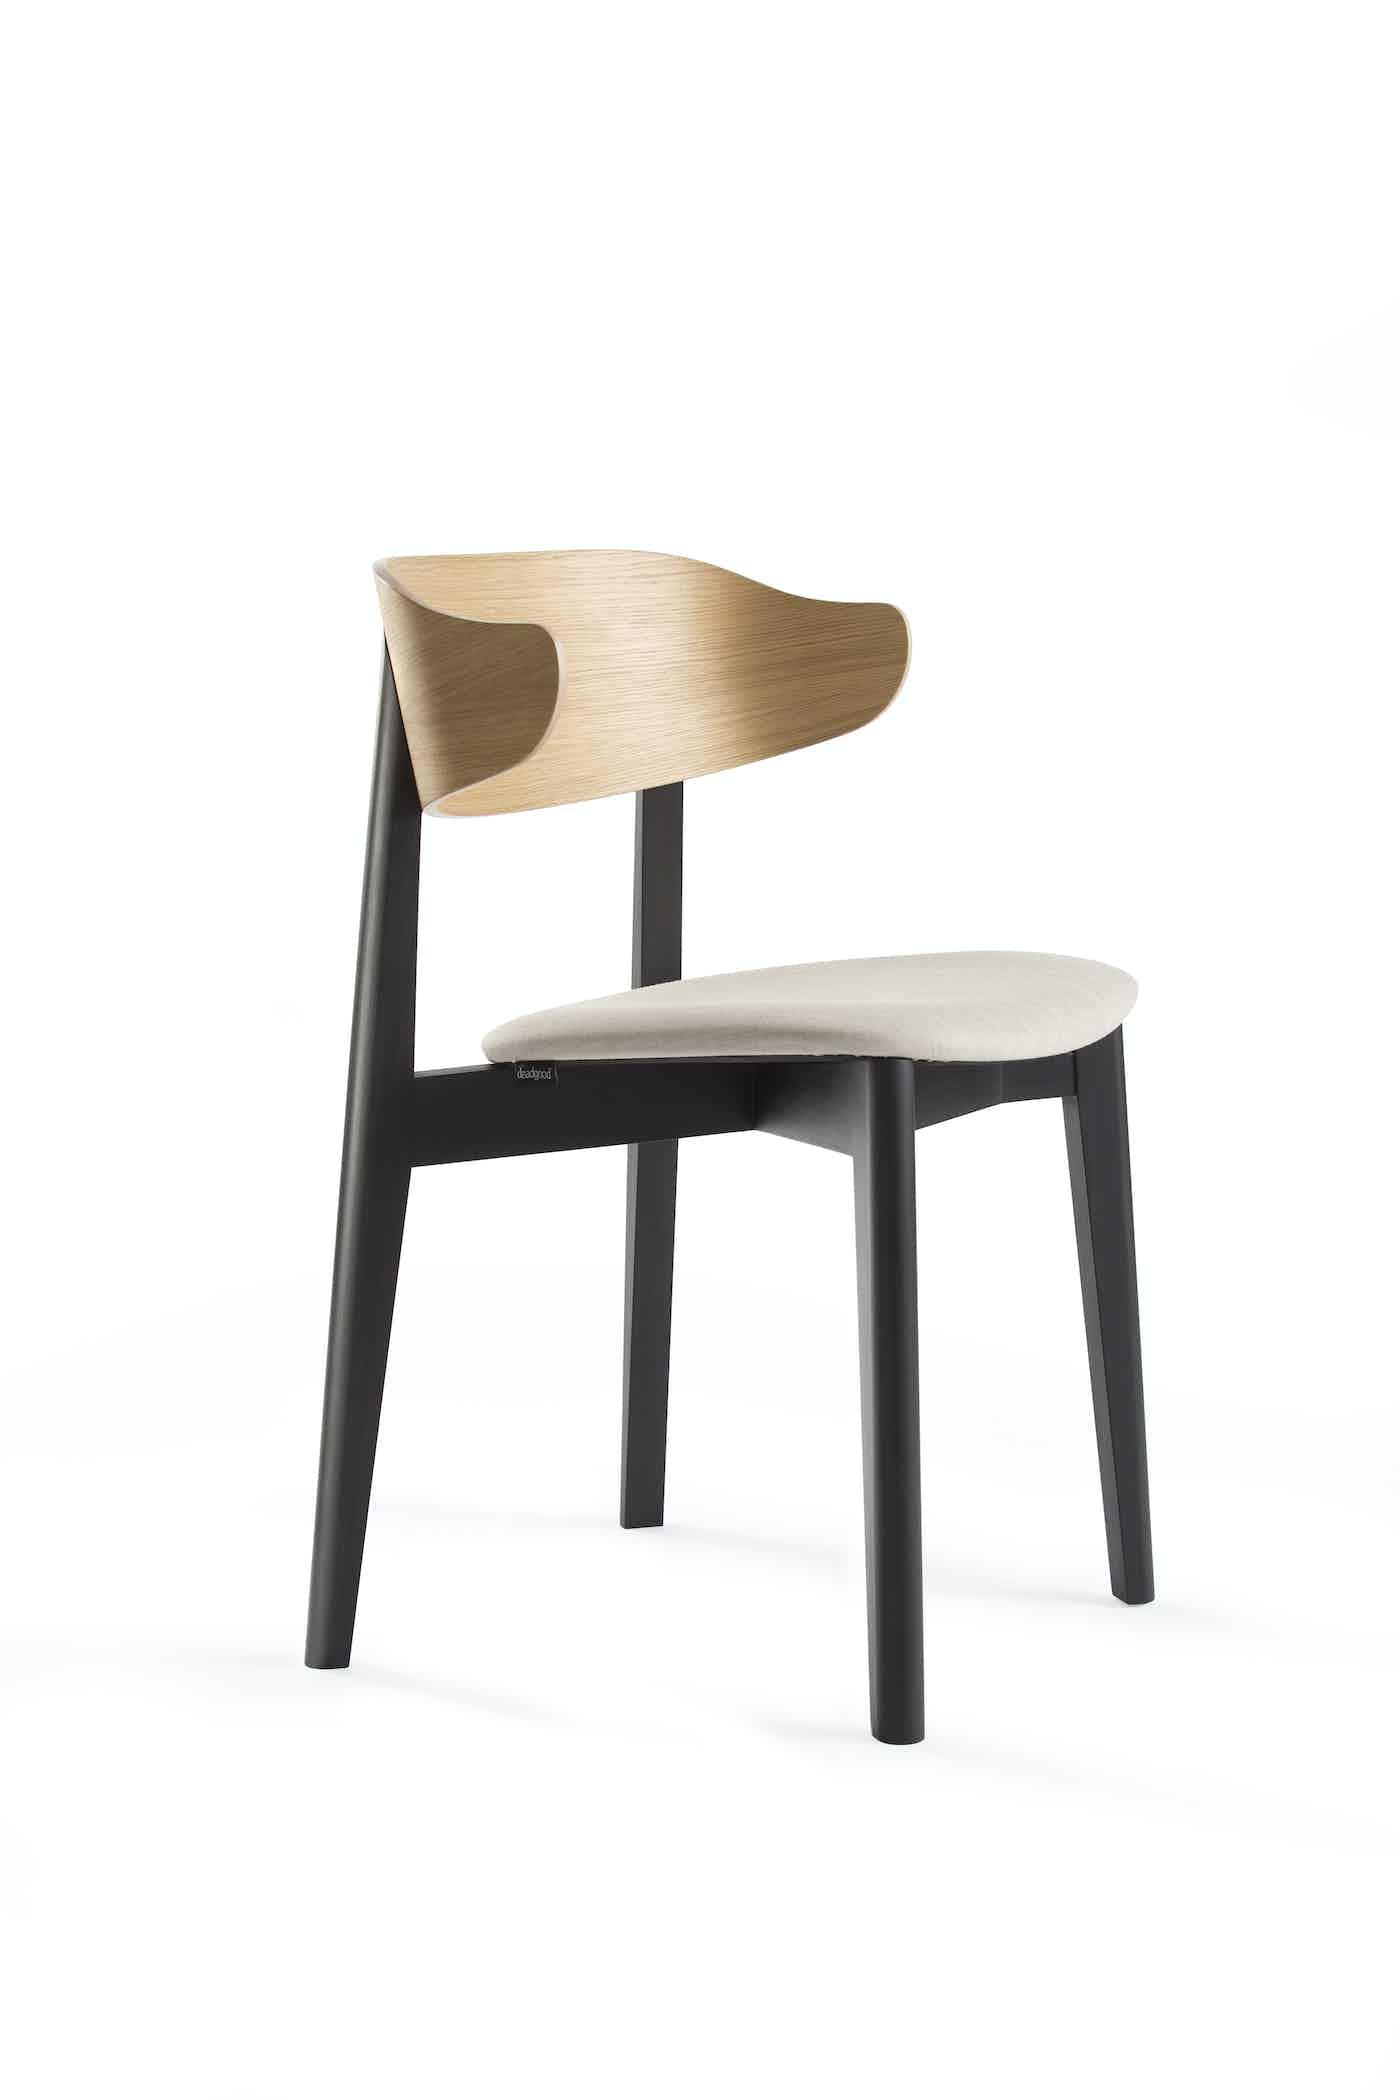 Deadgood-setter-chair-oak-and-white-haute-living